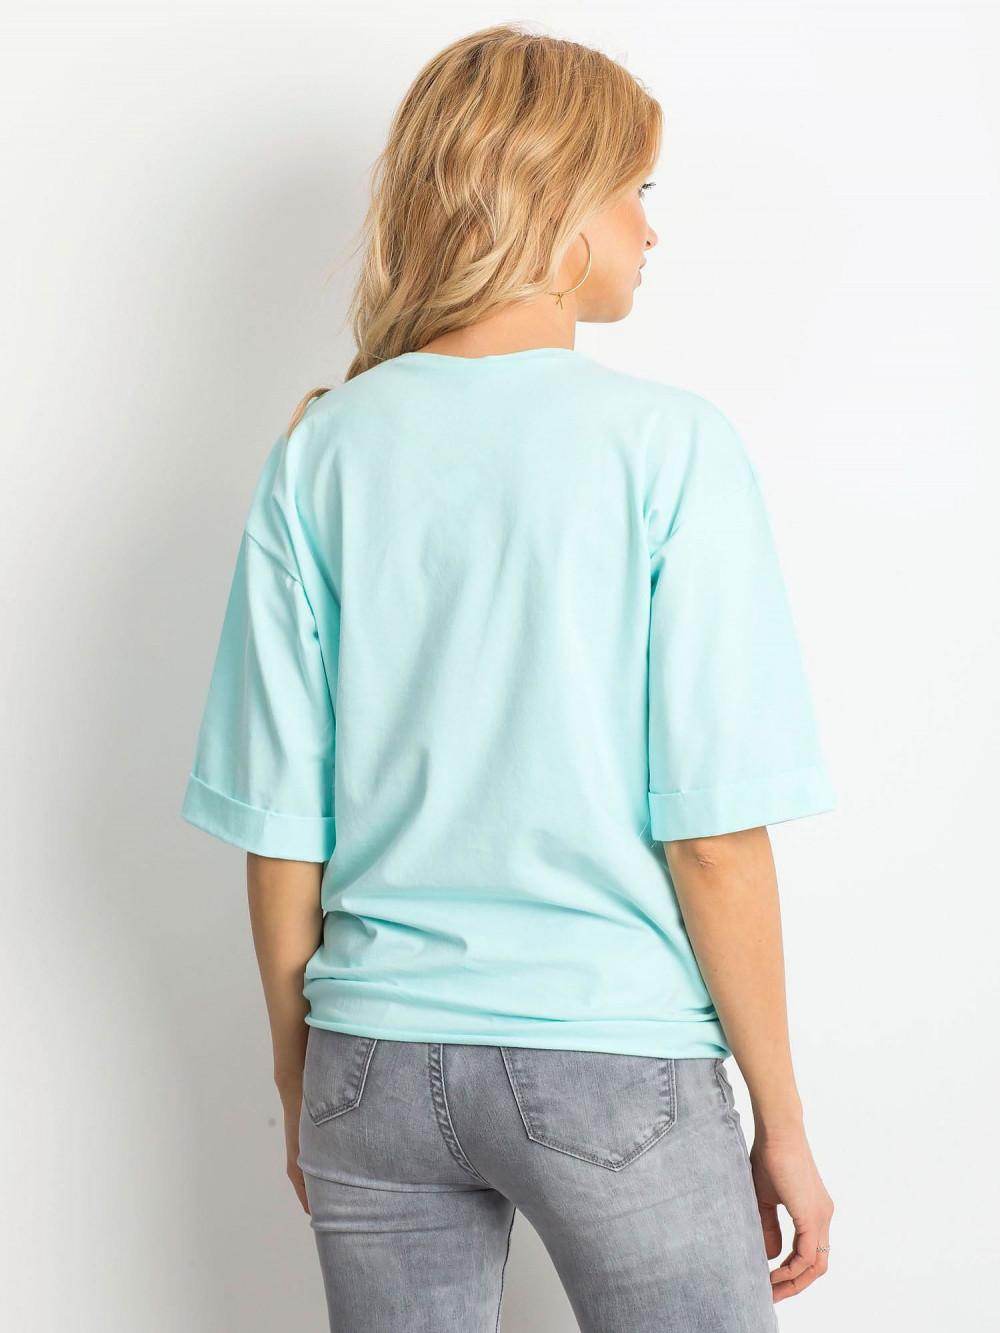 Miętowy oversizeowy t-shirt Gimmie 4